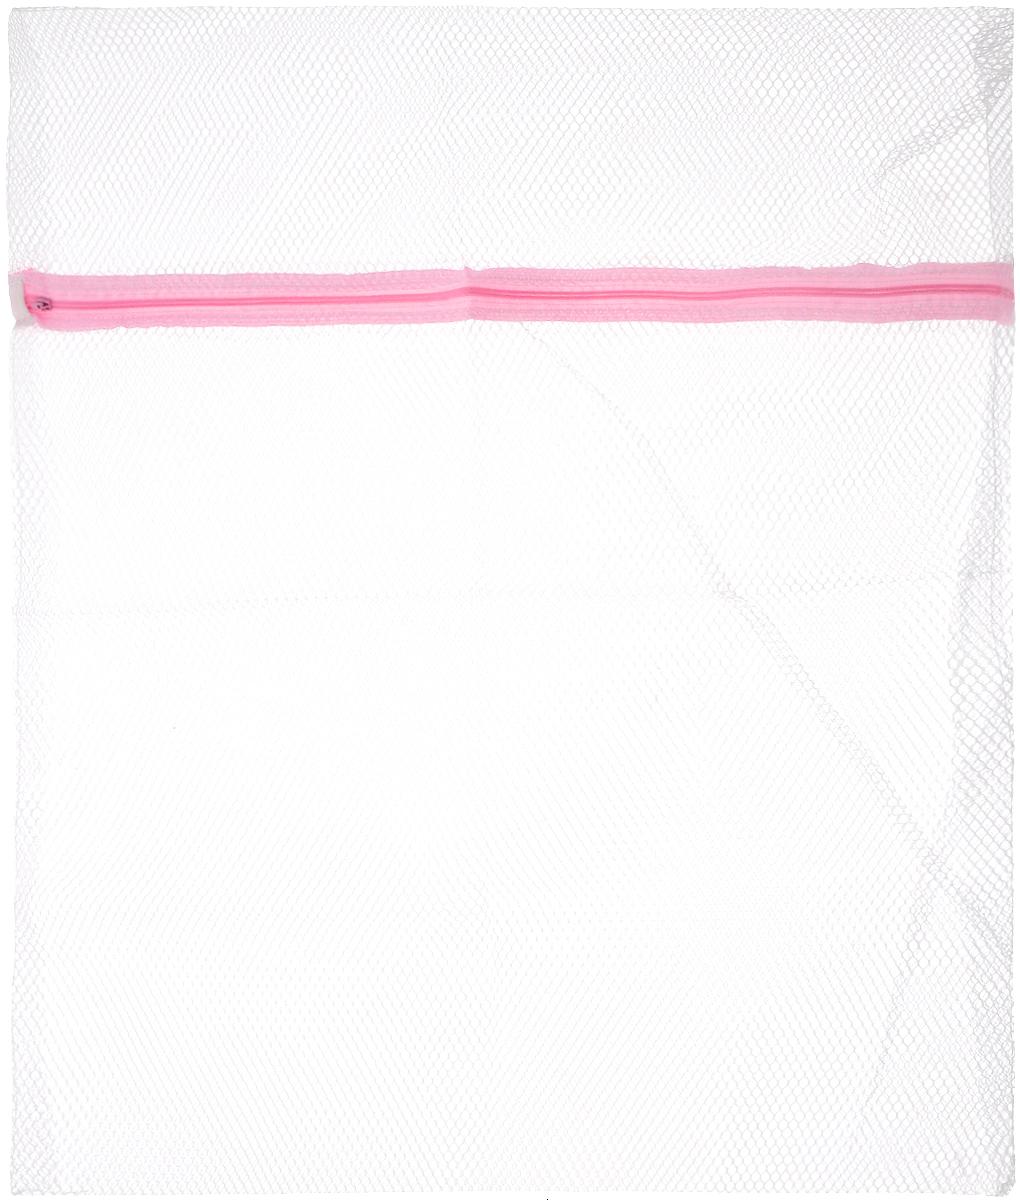 Мешок для стирки Bon, с застежкой, 56 х 50 смDW90Мешок Bon предназначен для стирки вещей из деликатных тканей. Изготовлен из высококачественного материала. Имеет удобную и надежную застежку-молнию. Не окрашивает белье.Термостойкий мешок создан для бережной стирки, отжима, сушки деликатных и трикотажных изделий в стиральной машине. Предохраняет от зацепок и растягивания, исключает попадание мелких вещей и элементов одежды в механизм машины.